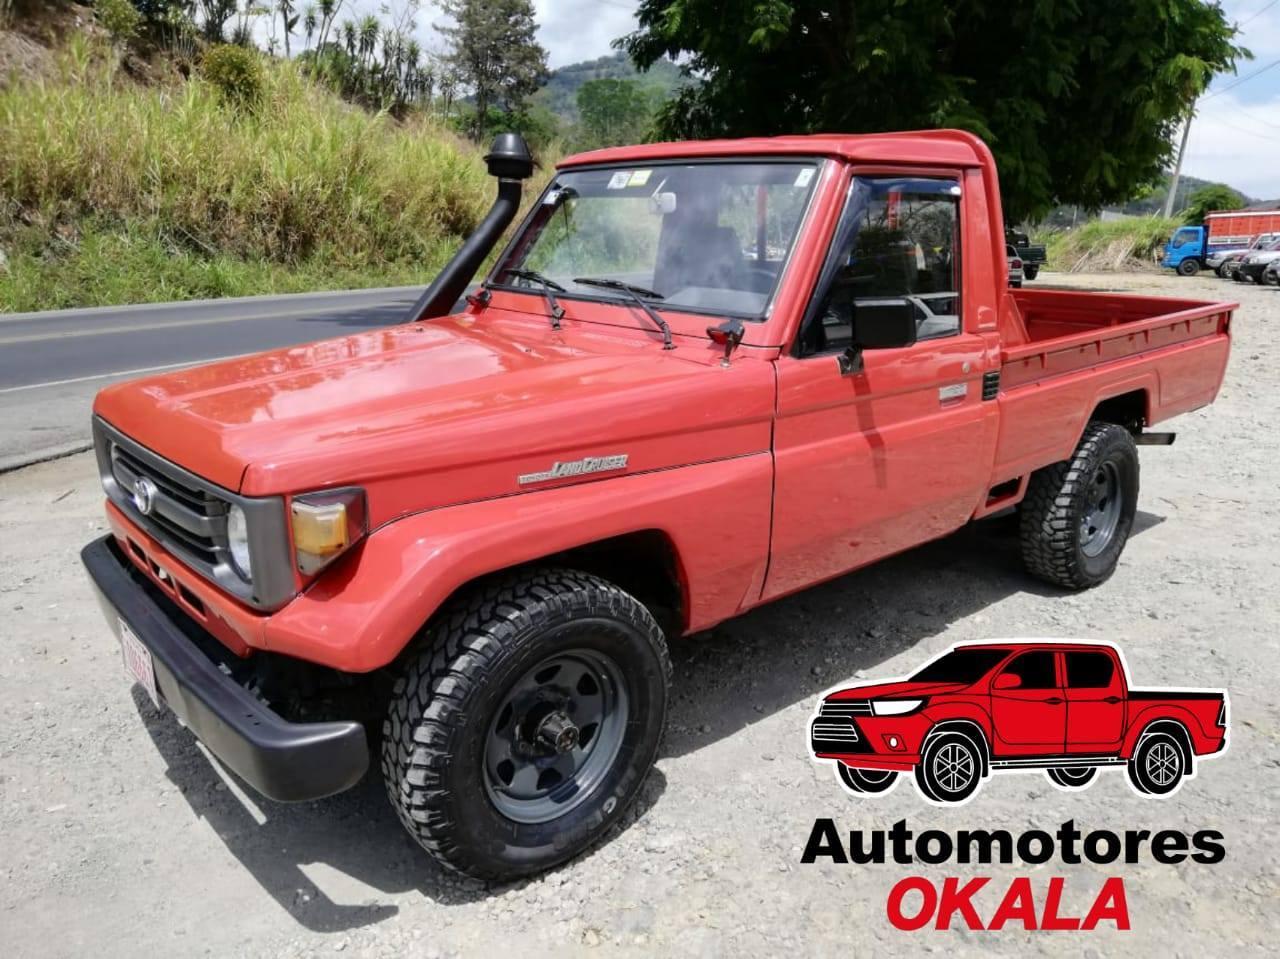 Amarillas-CR-Automotores-Okala-9